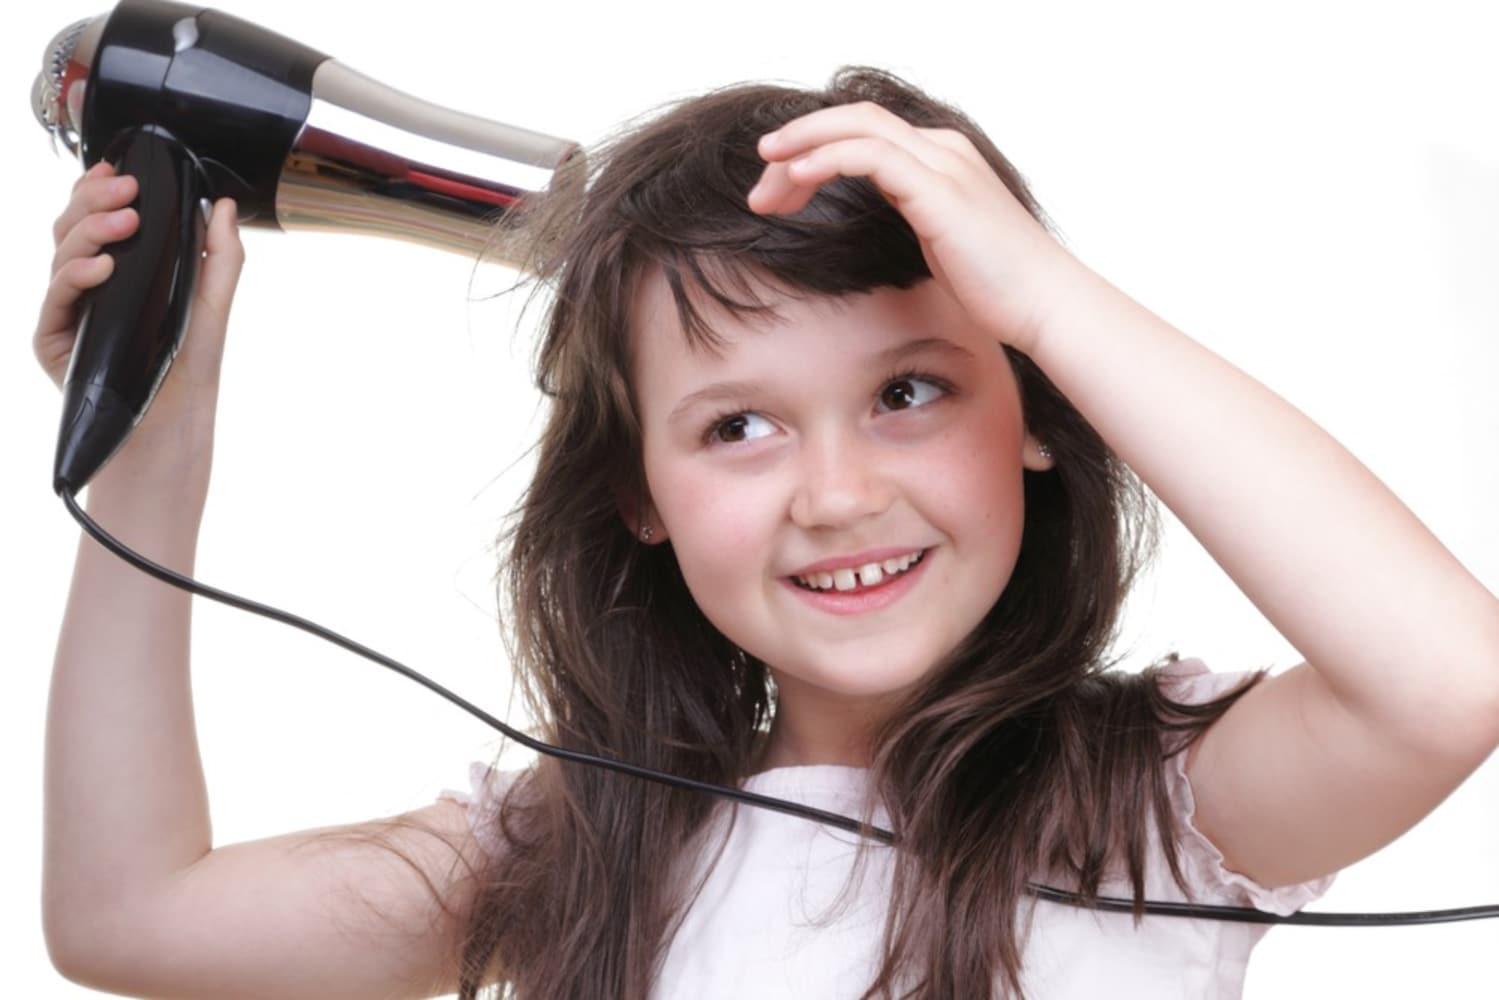 低温ドライヤーの使い方|髪からの距離と温度設定がポイント